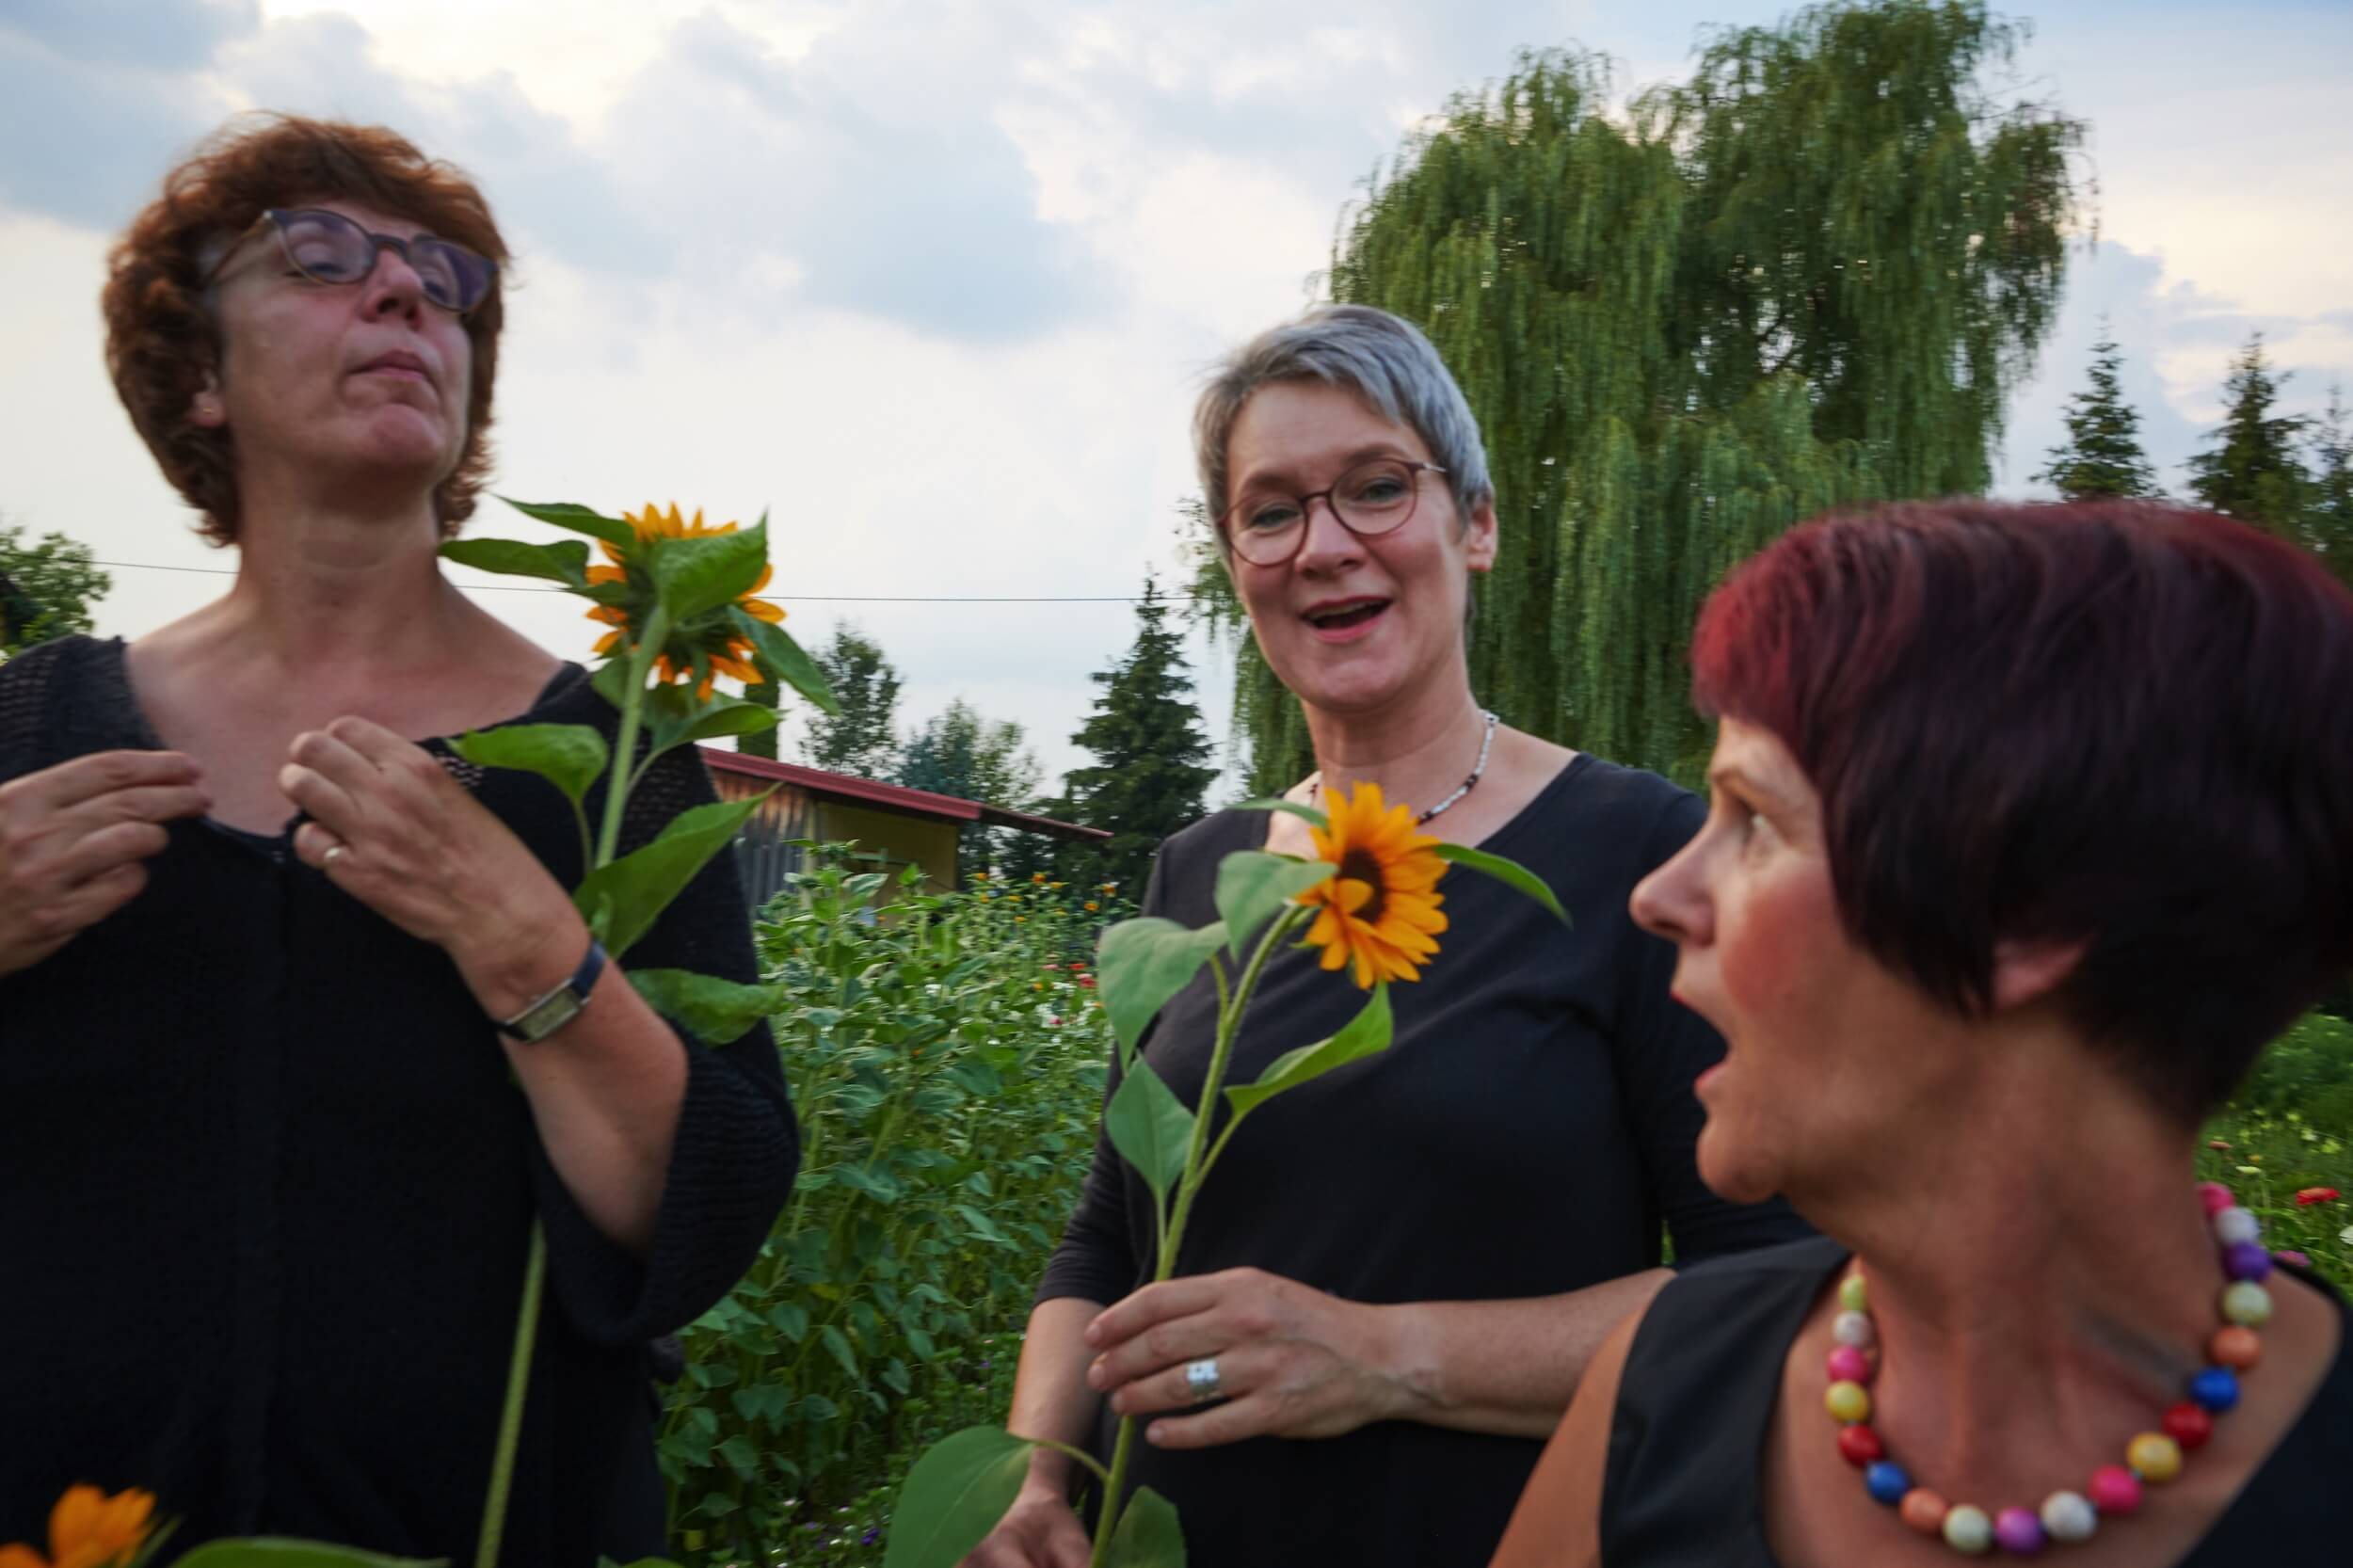 Floristinnen Bei Gertrud Koesel